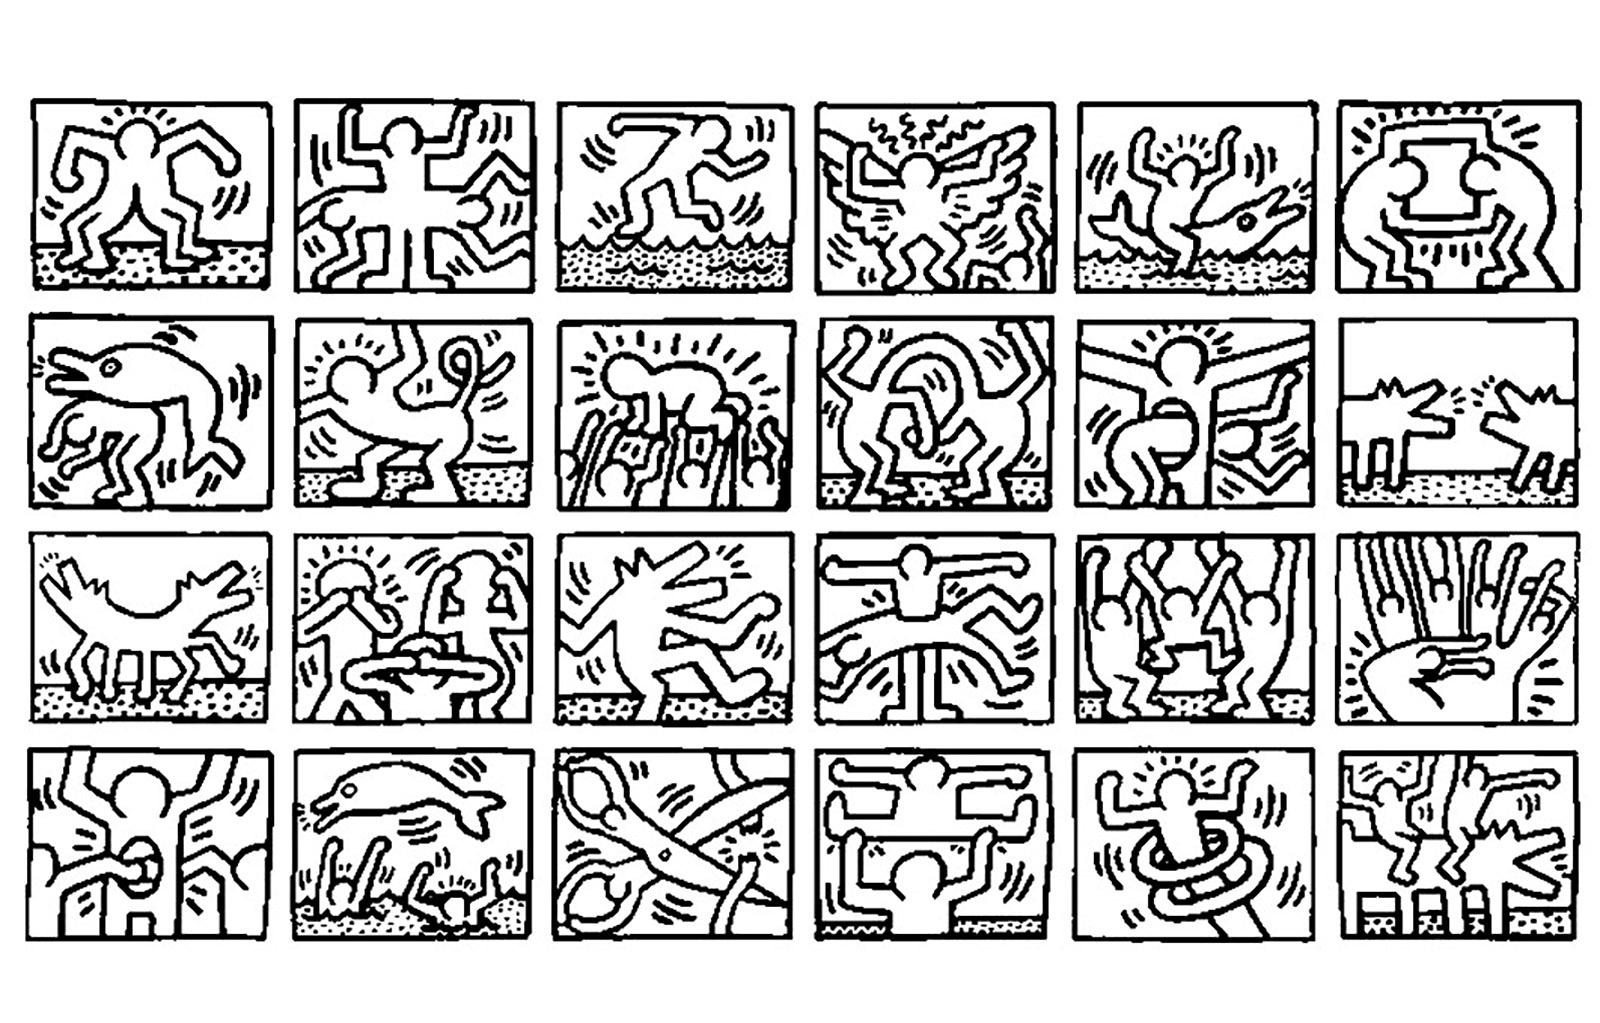 Une oeuvre de Keith Haring à imprimer et colorier